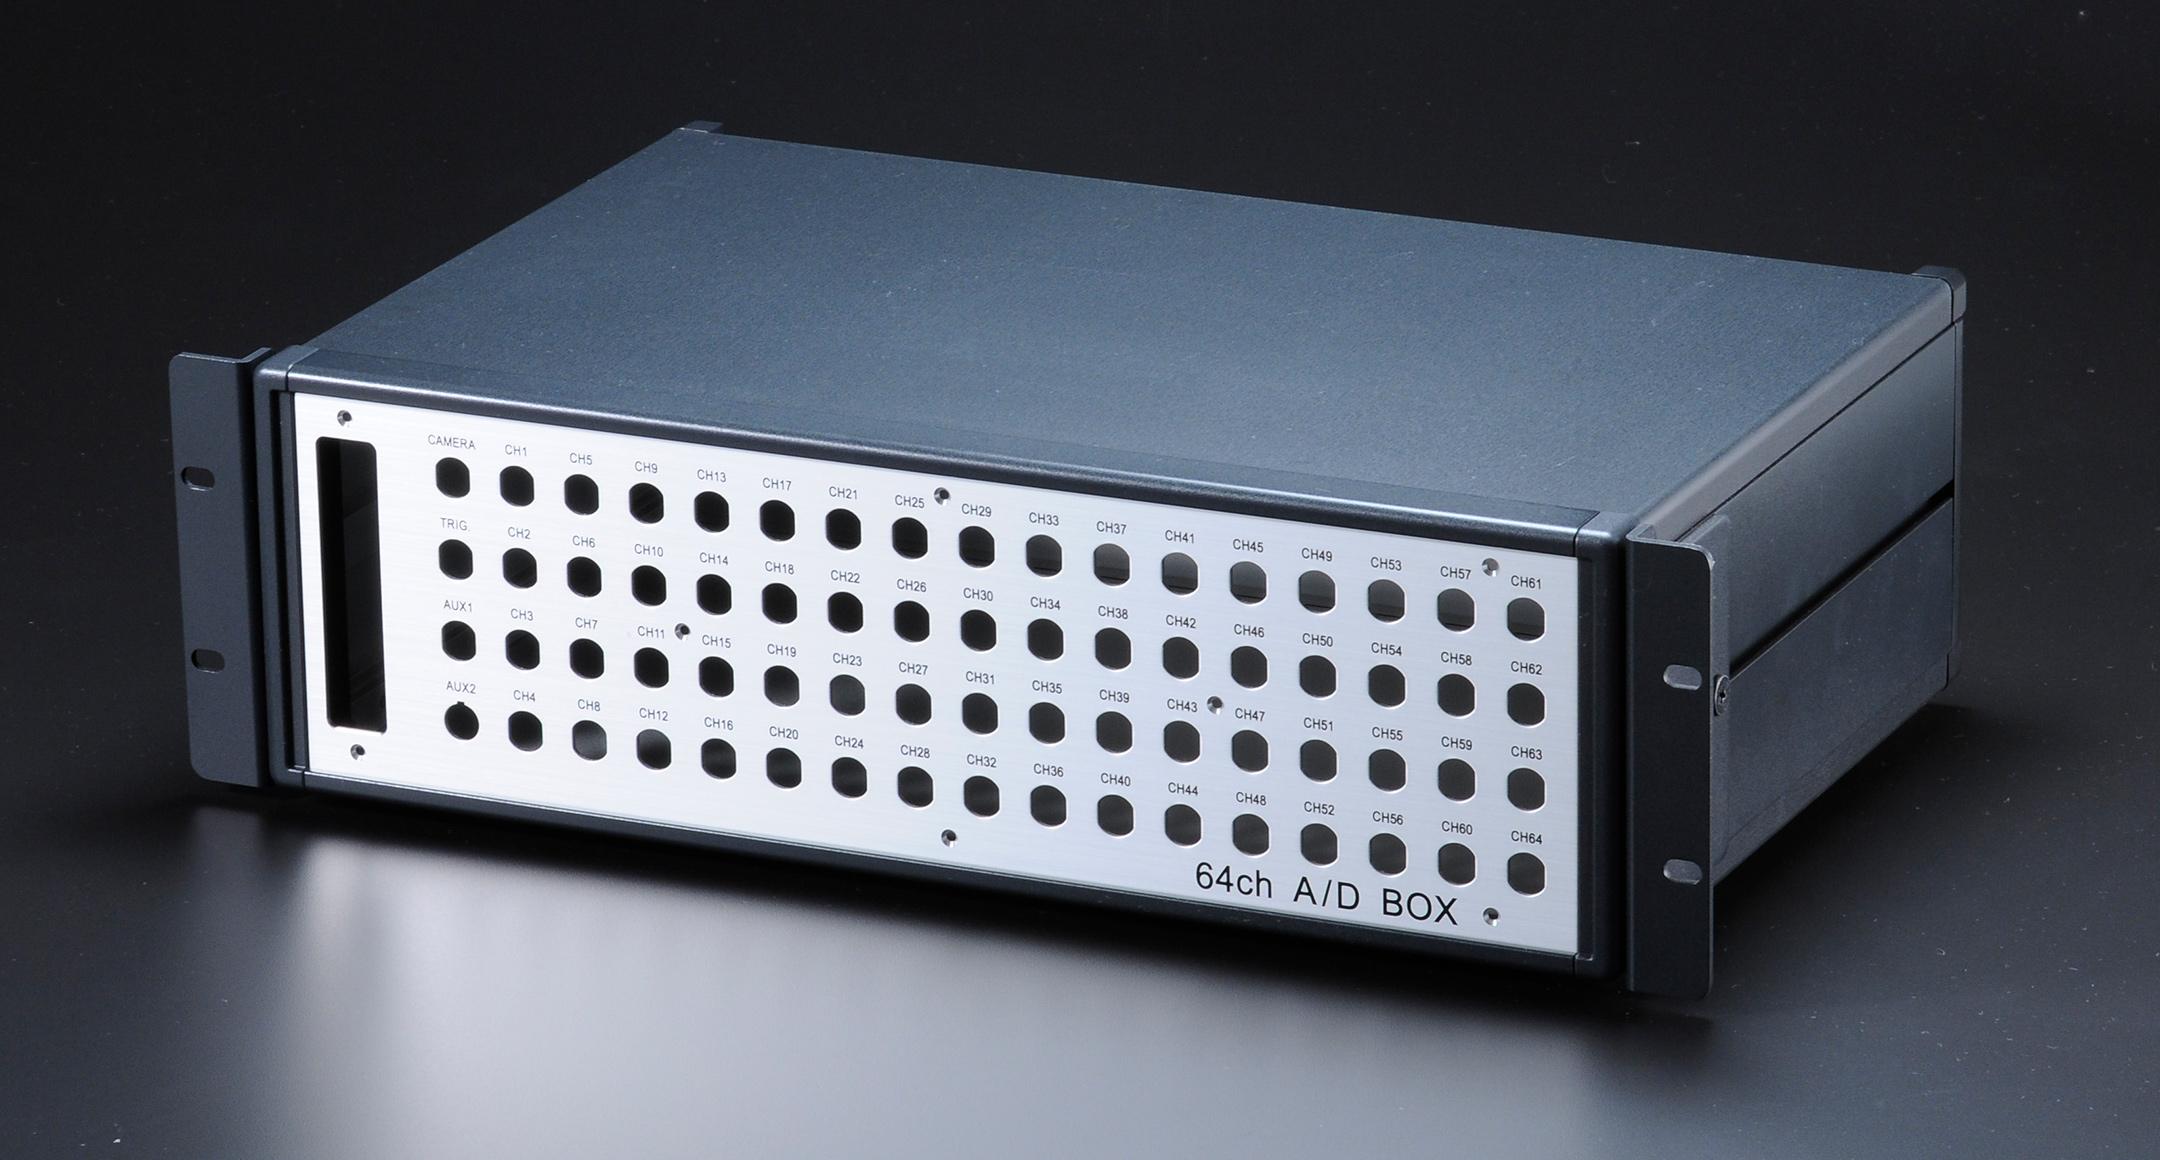 アルミシステムラックケース MORシリーズ(上下カバーアルミ製)の画像